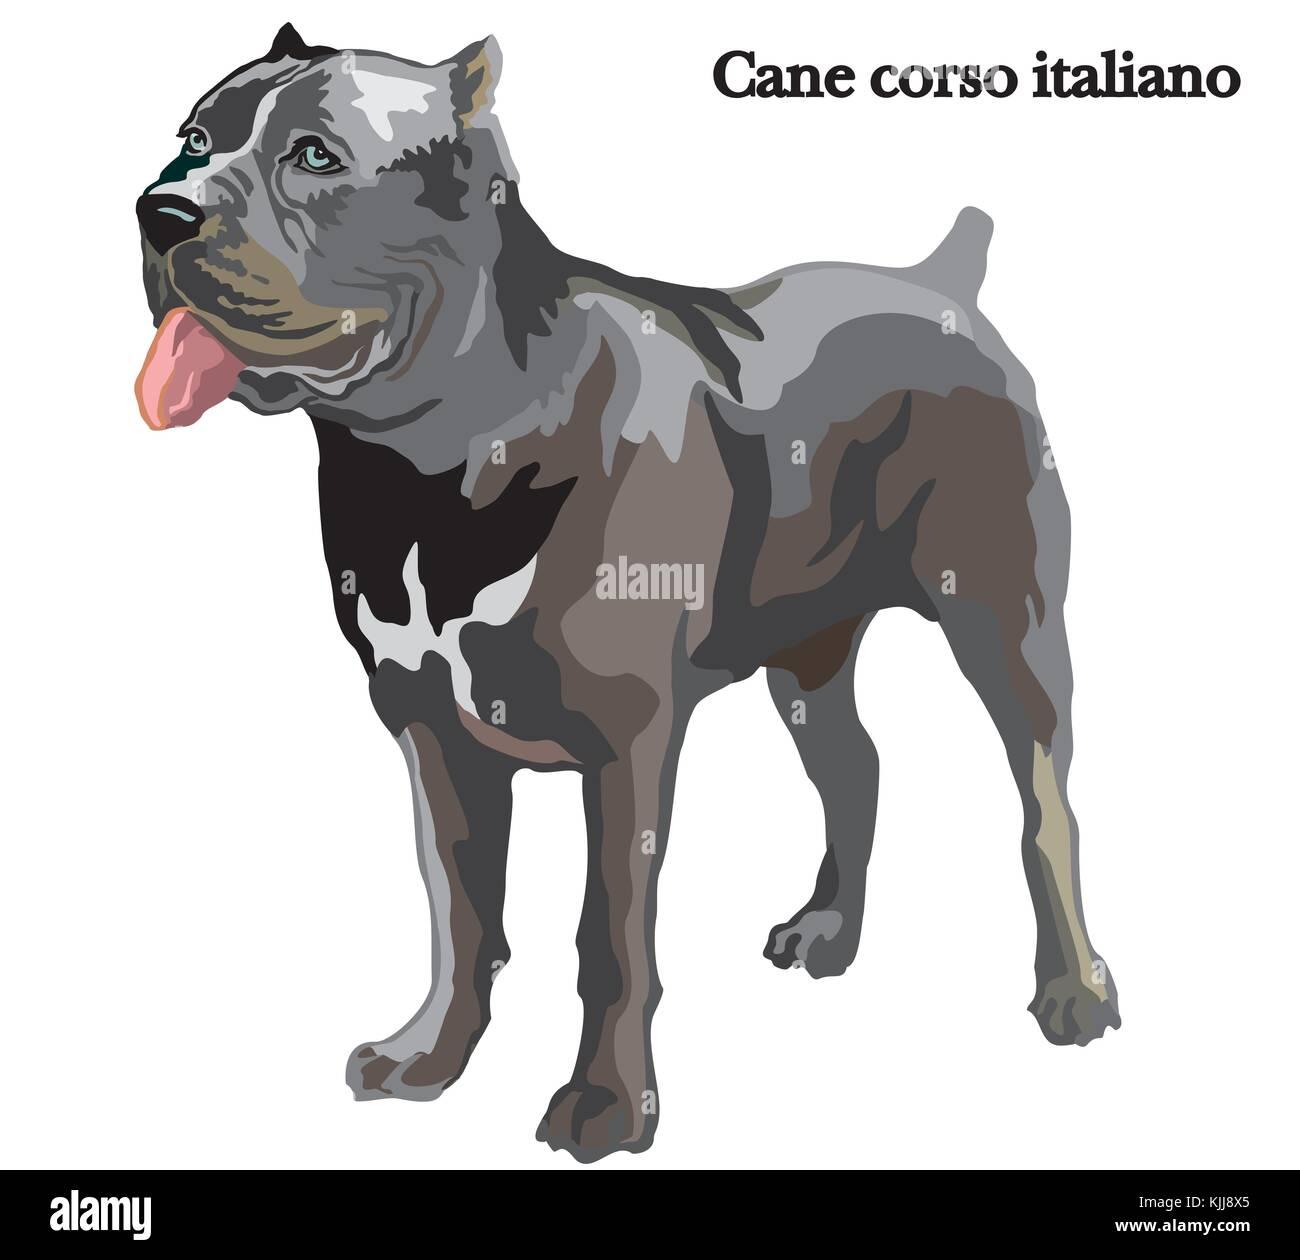 Portrait Von Ständigen Hund Cane Corso Italiano Vektor Bunte